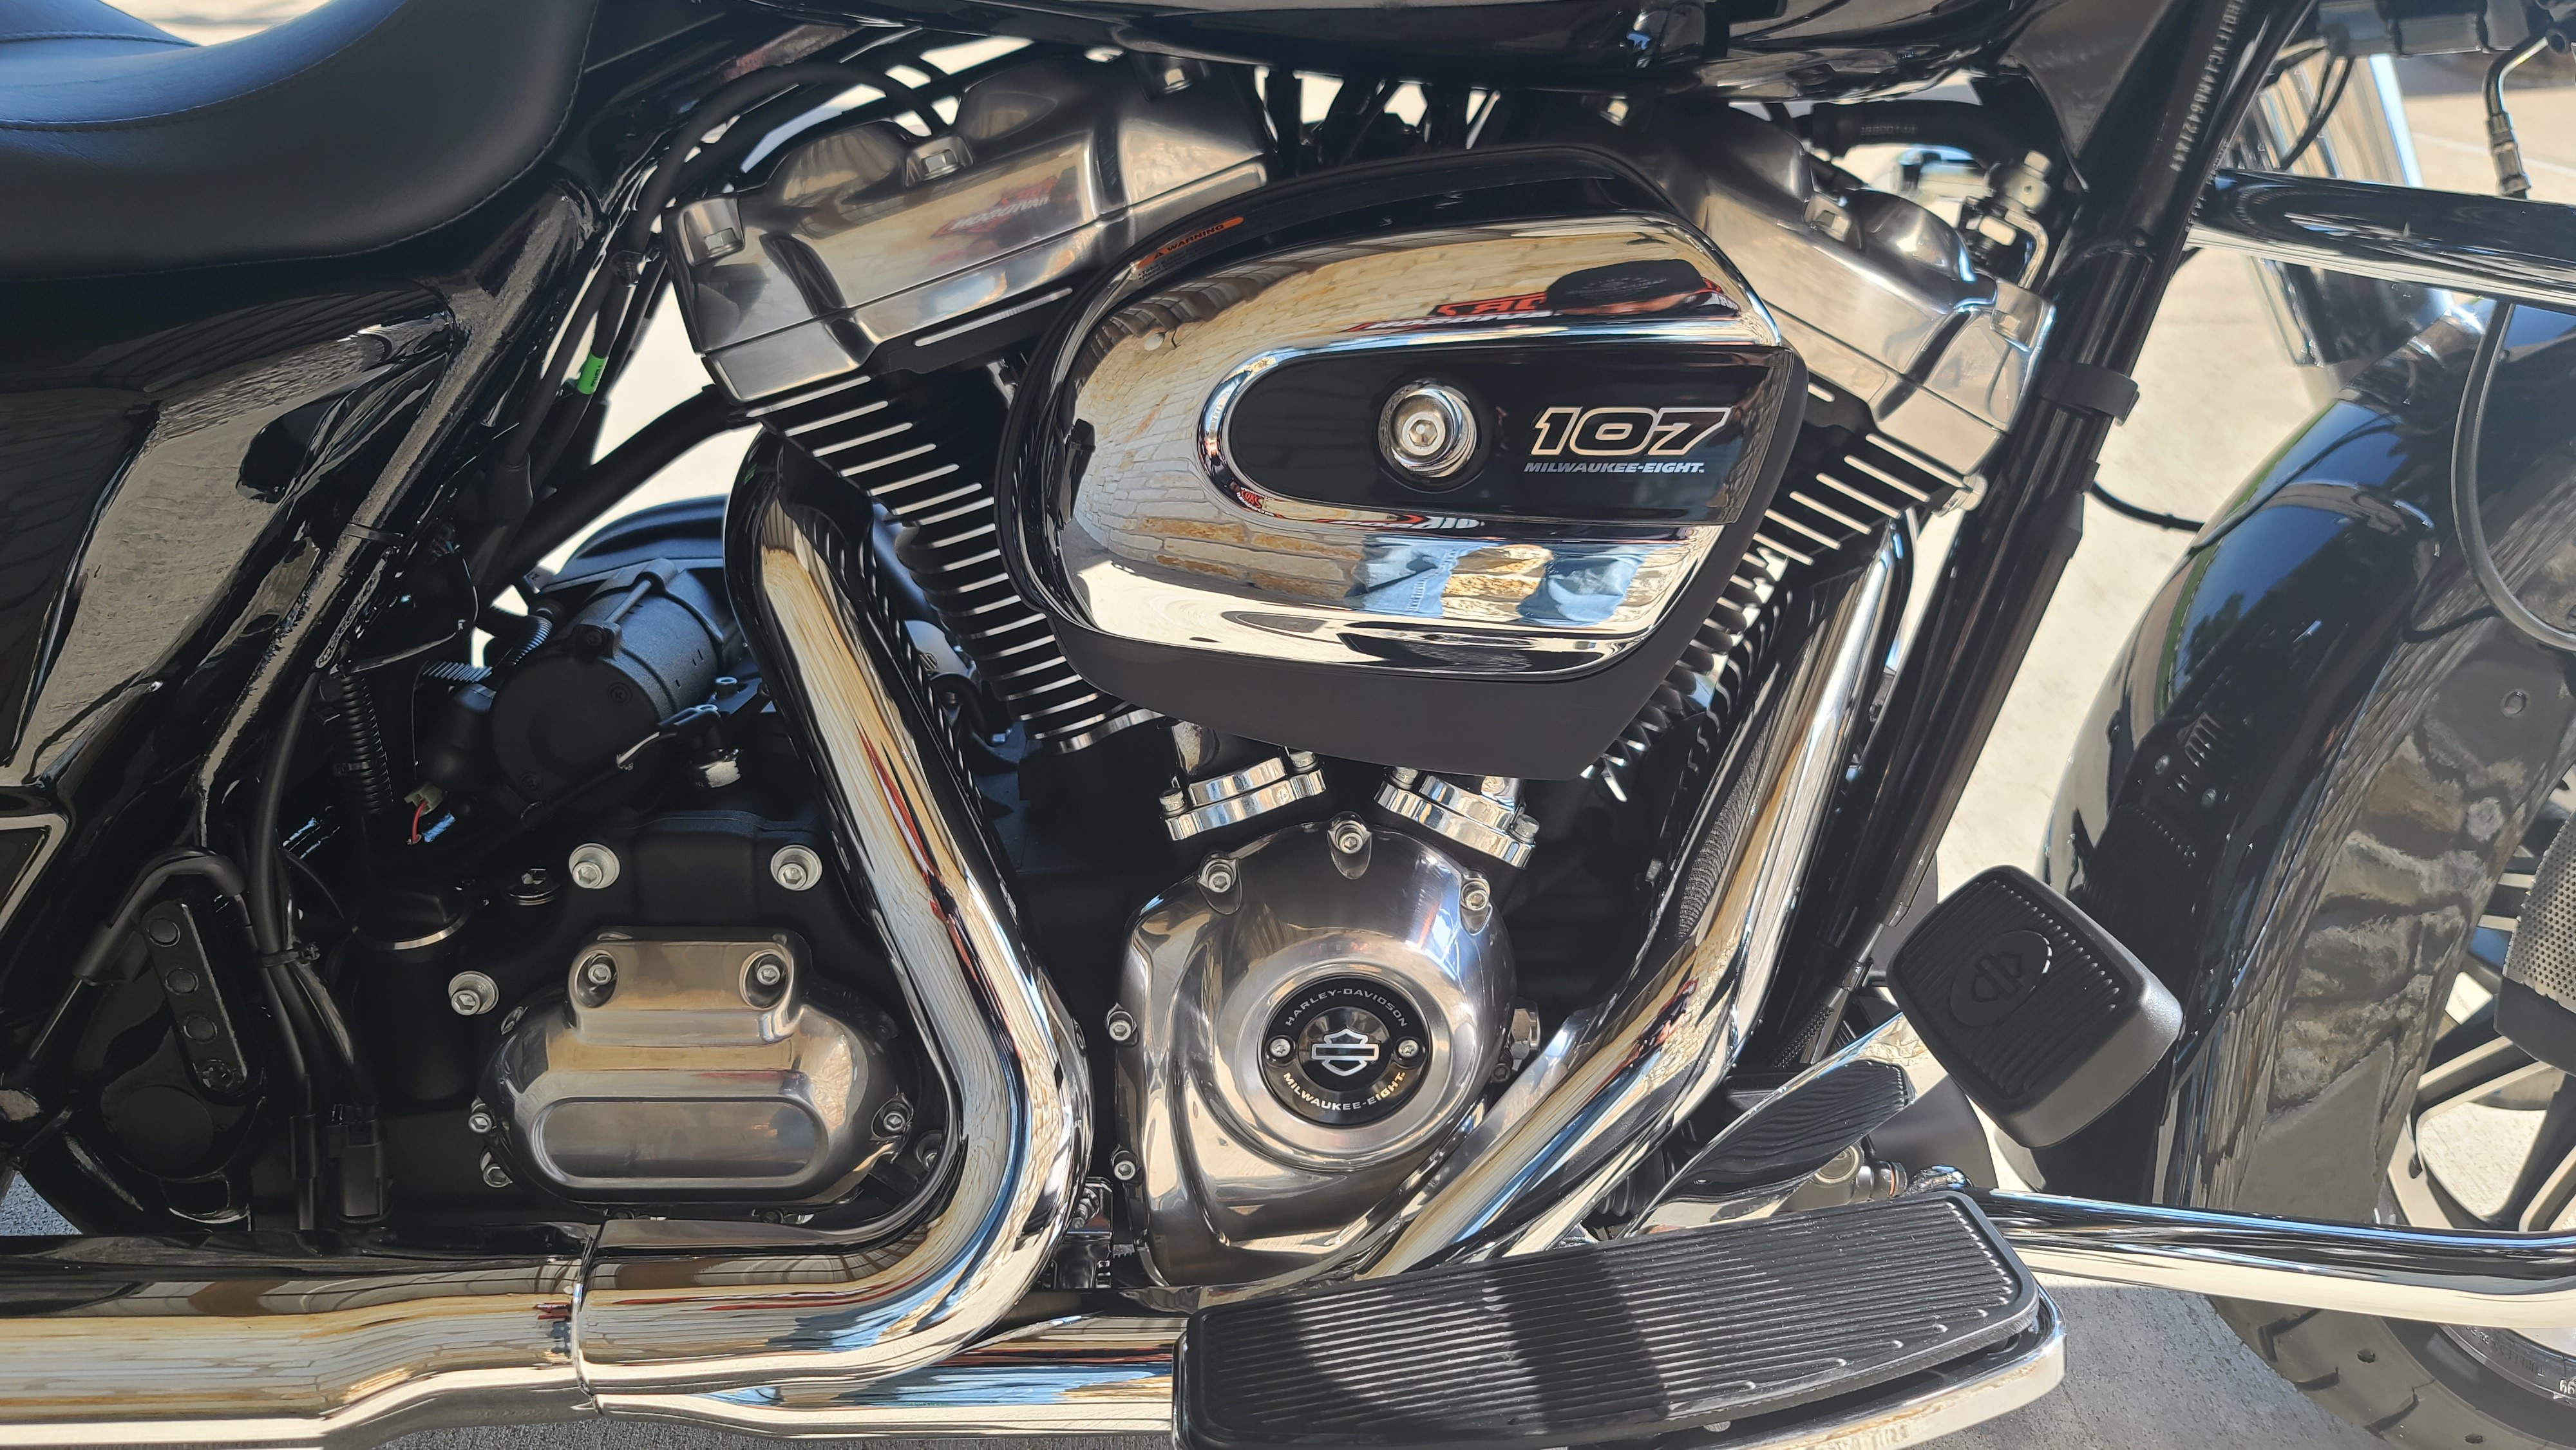 2021 Harley-Davidson FLHT at Harley-Davidson of Waco